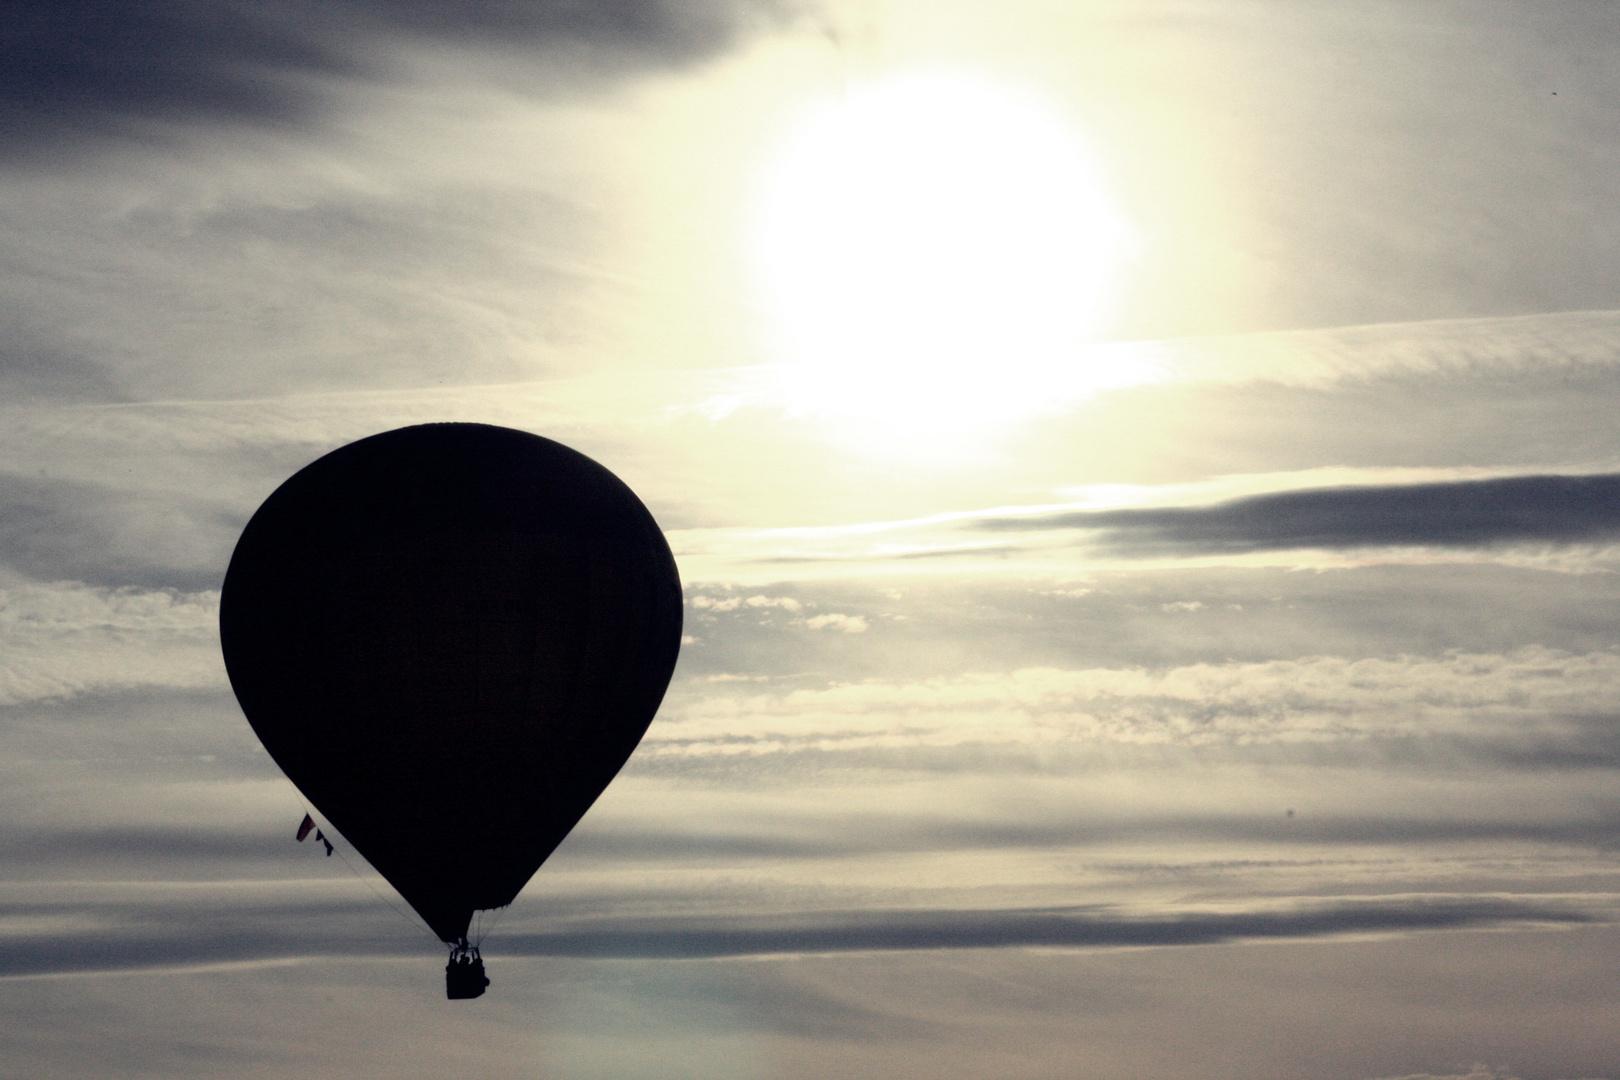 Ballonfahrt 16.O7.2O11